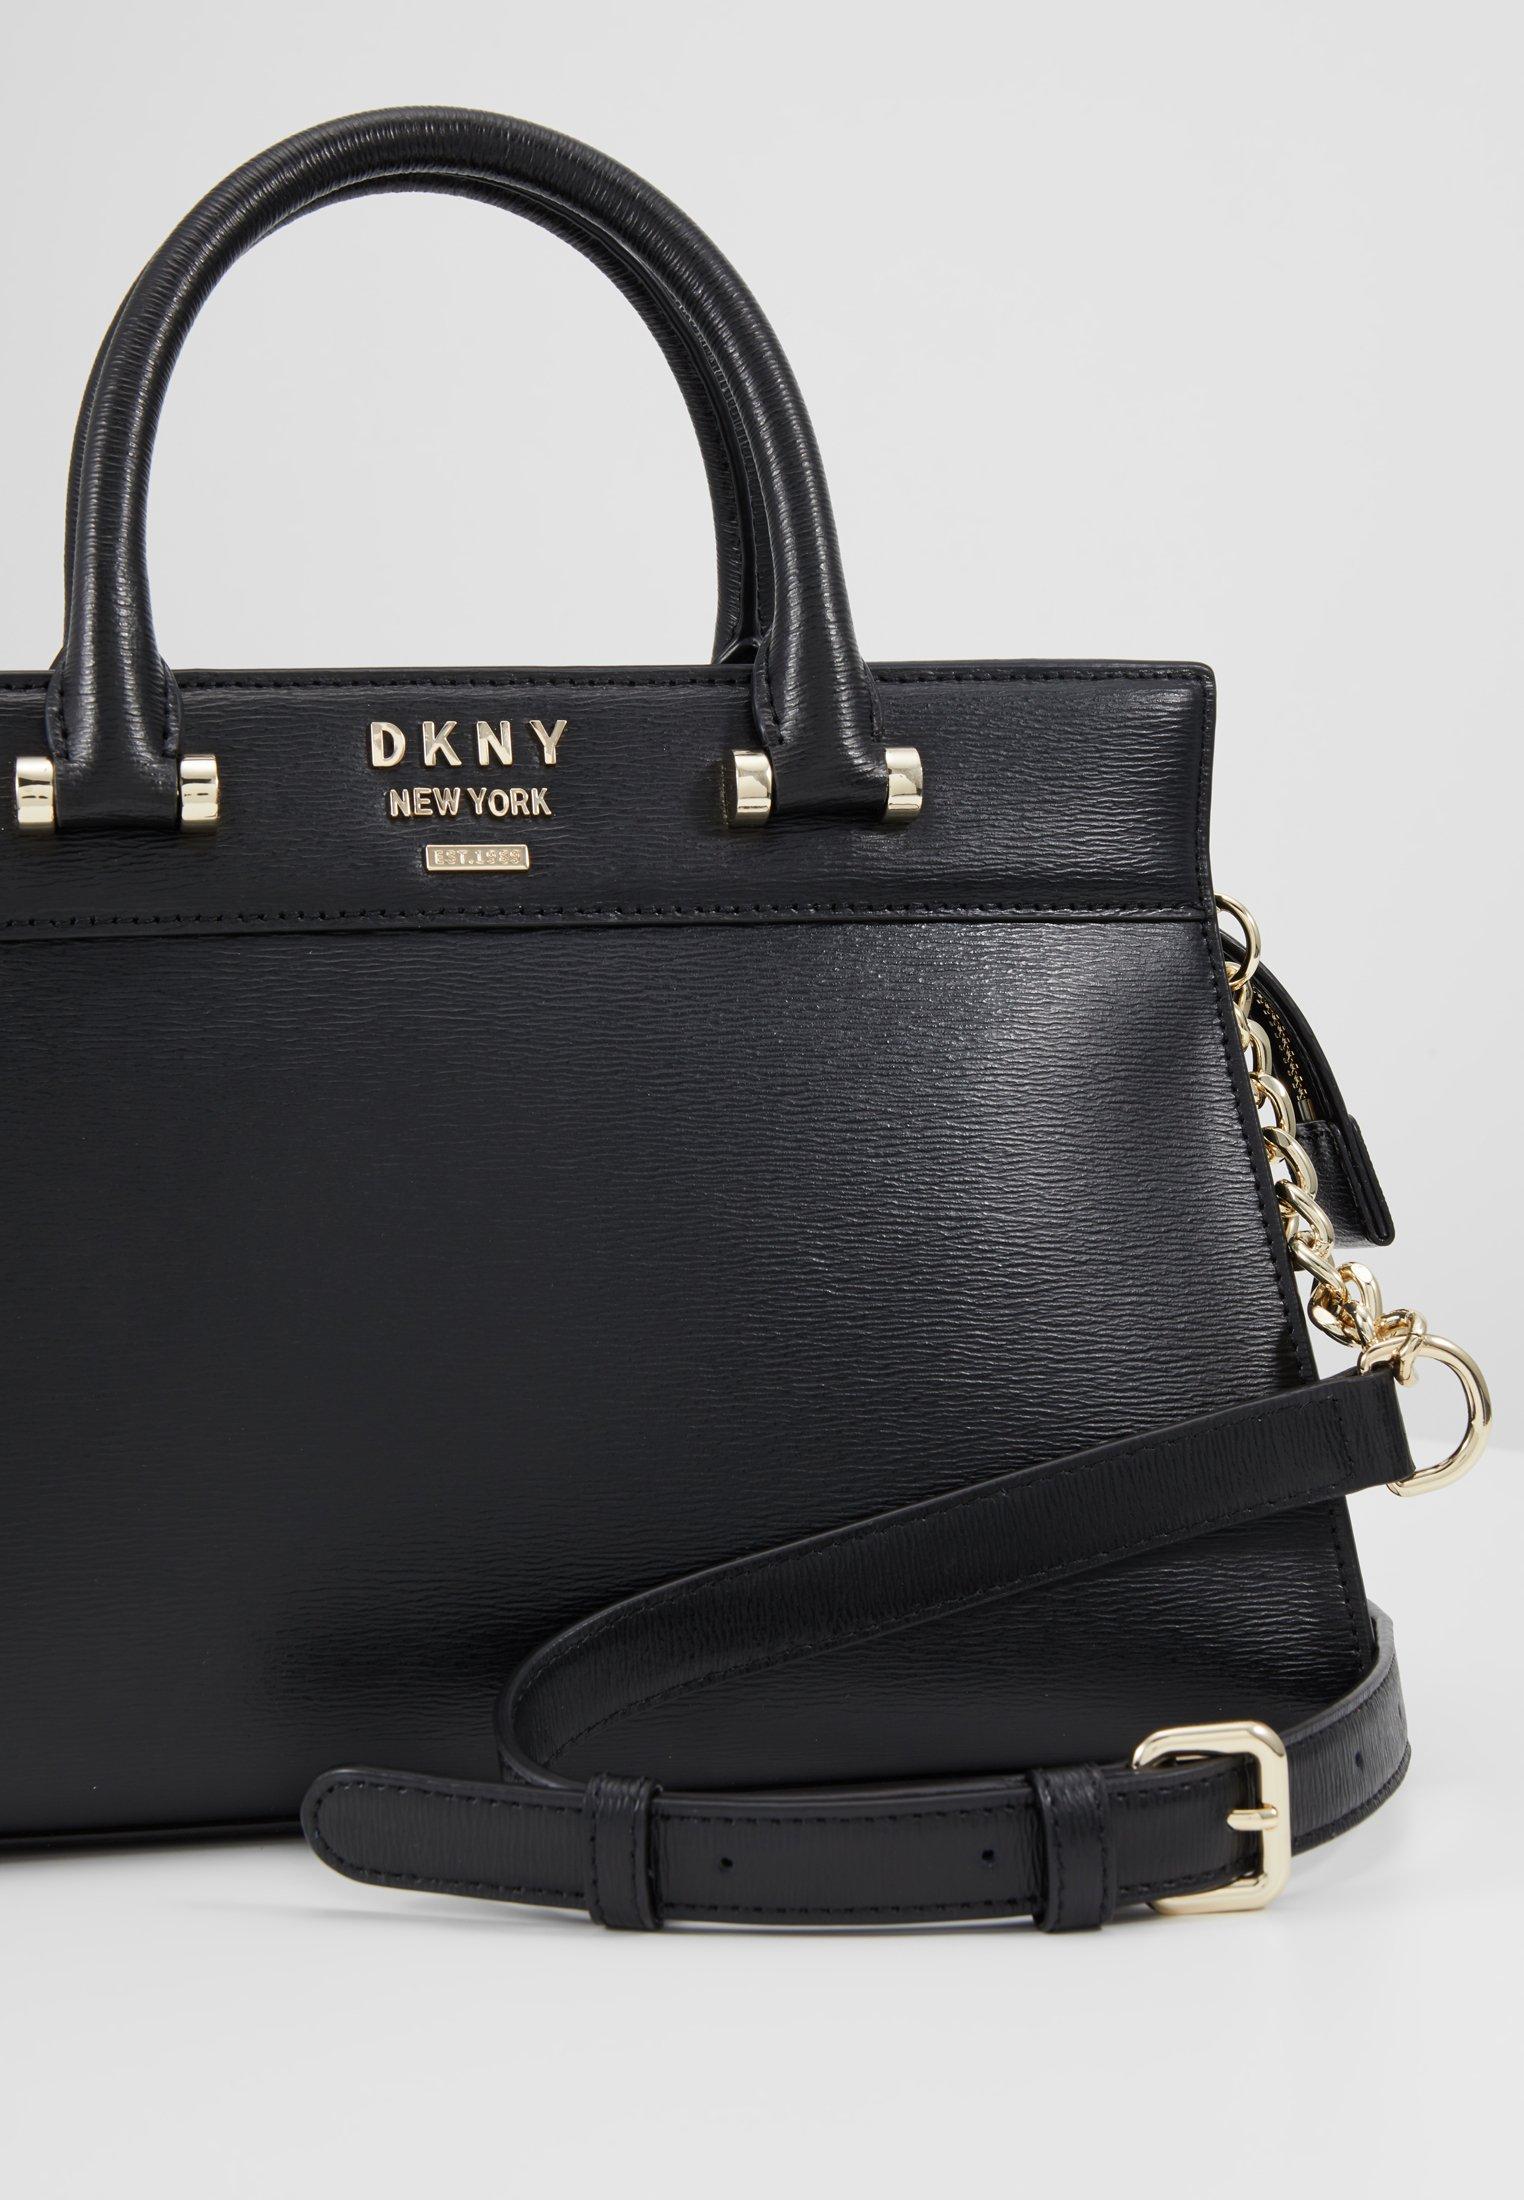 Dkny Ava - Sac À Main Black/gold